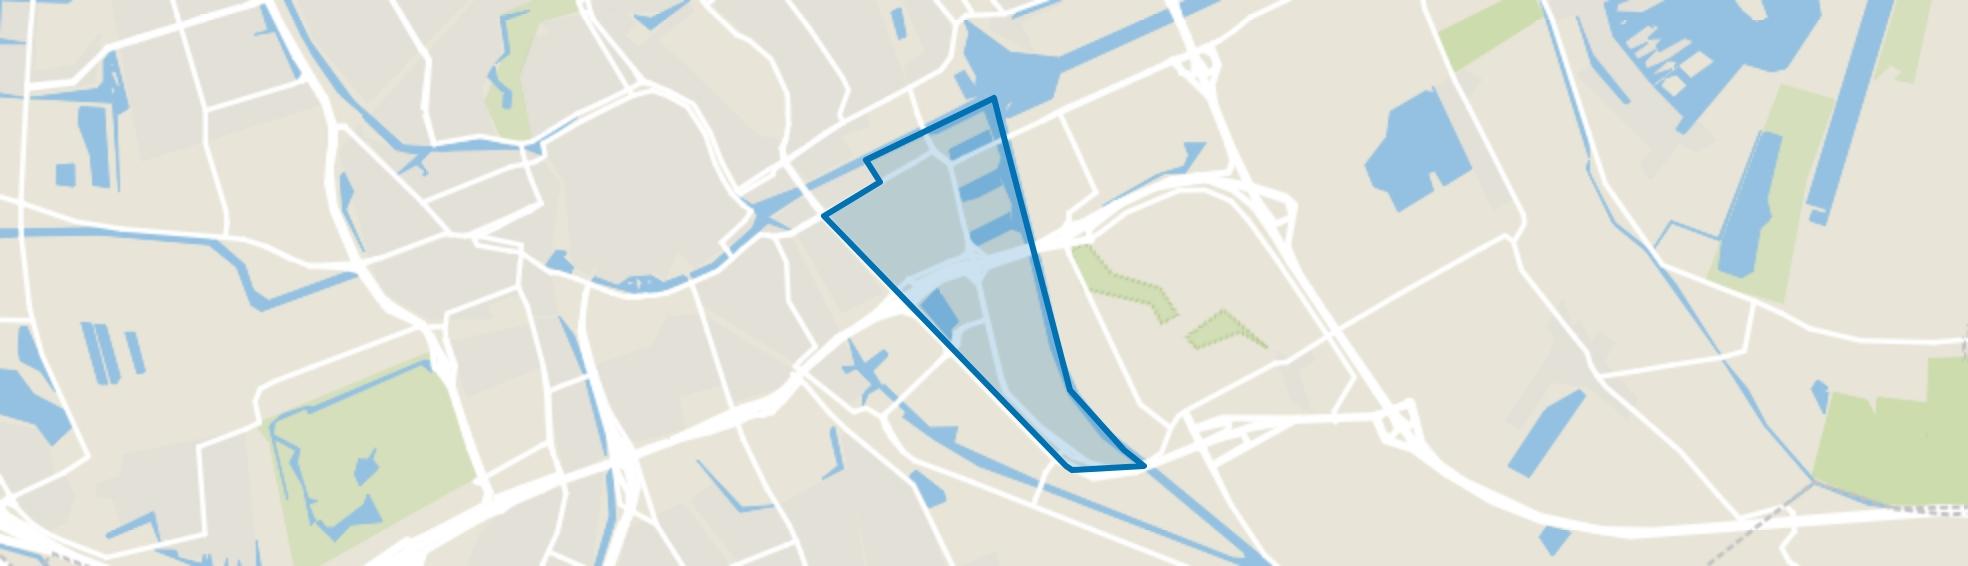 Eemskanaal, Groningen map